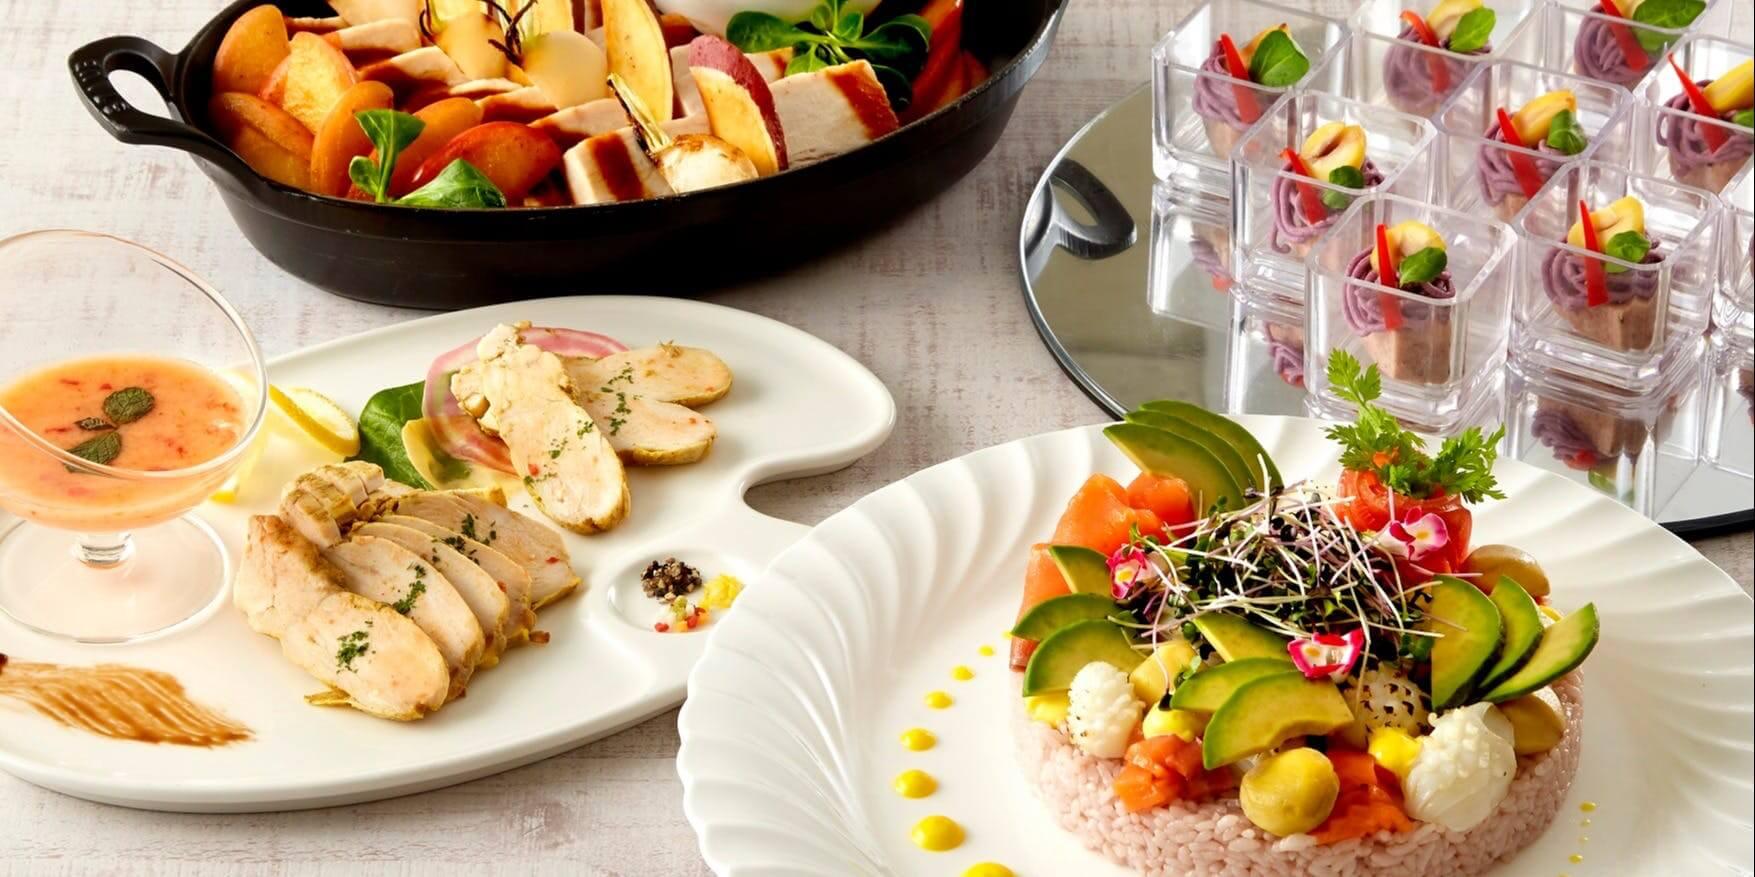 カフェ&ダイニング Chef's Palette【サンシャインシティプリンスホテル】のランチビュッフェ画像